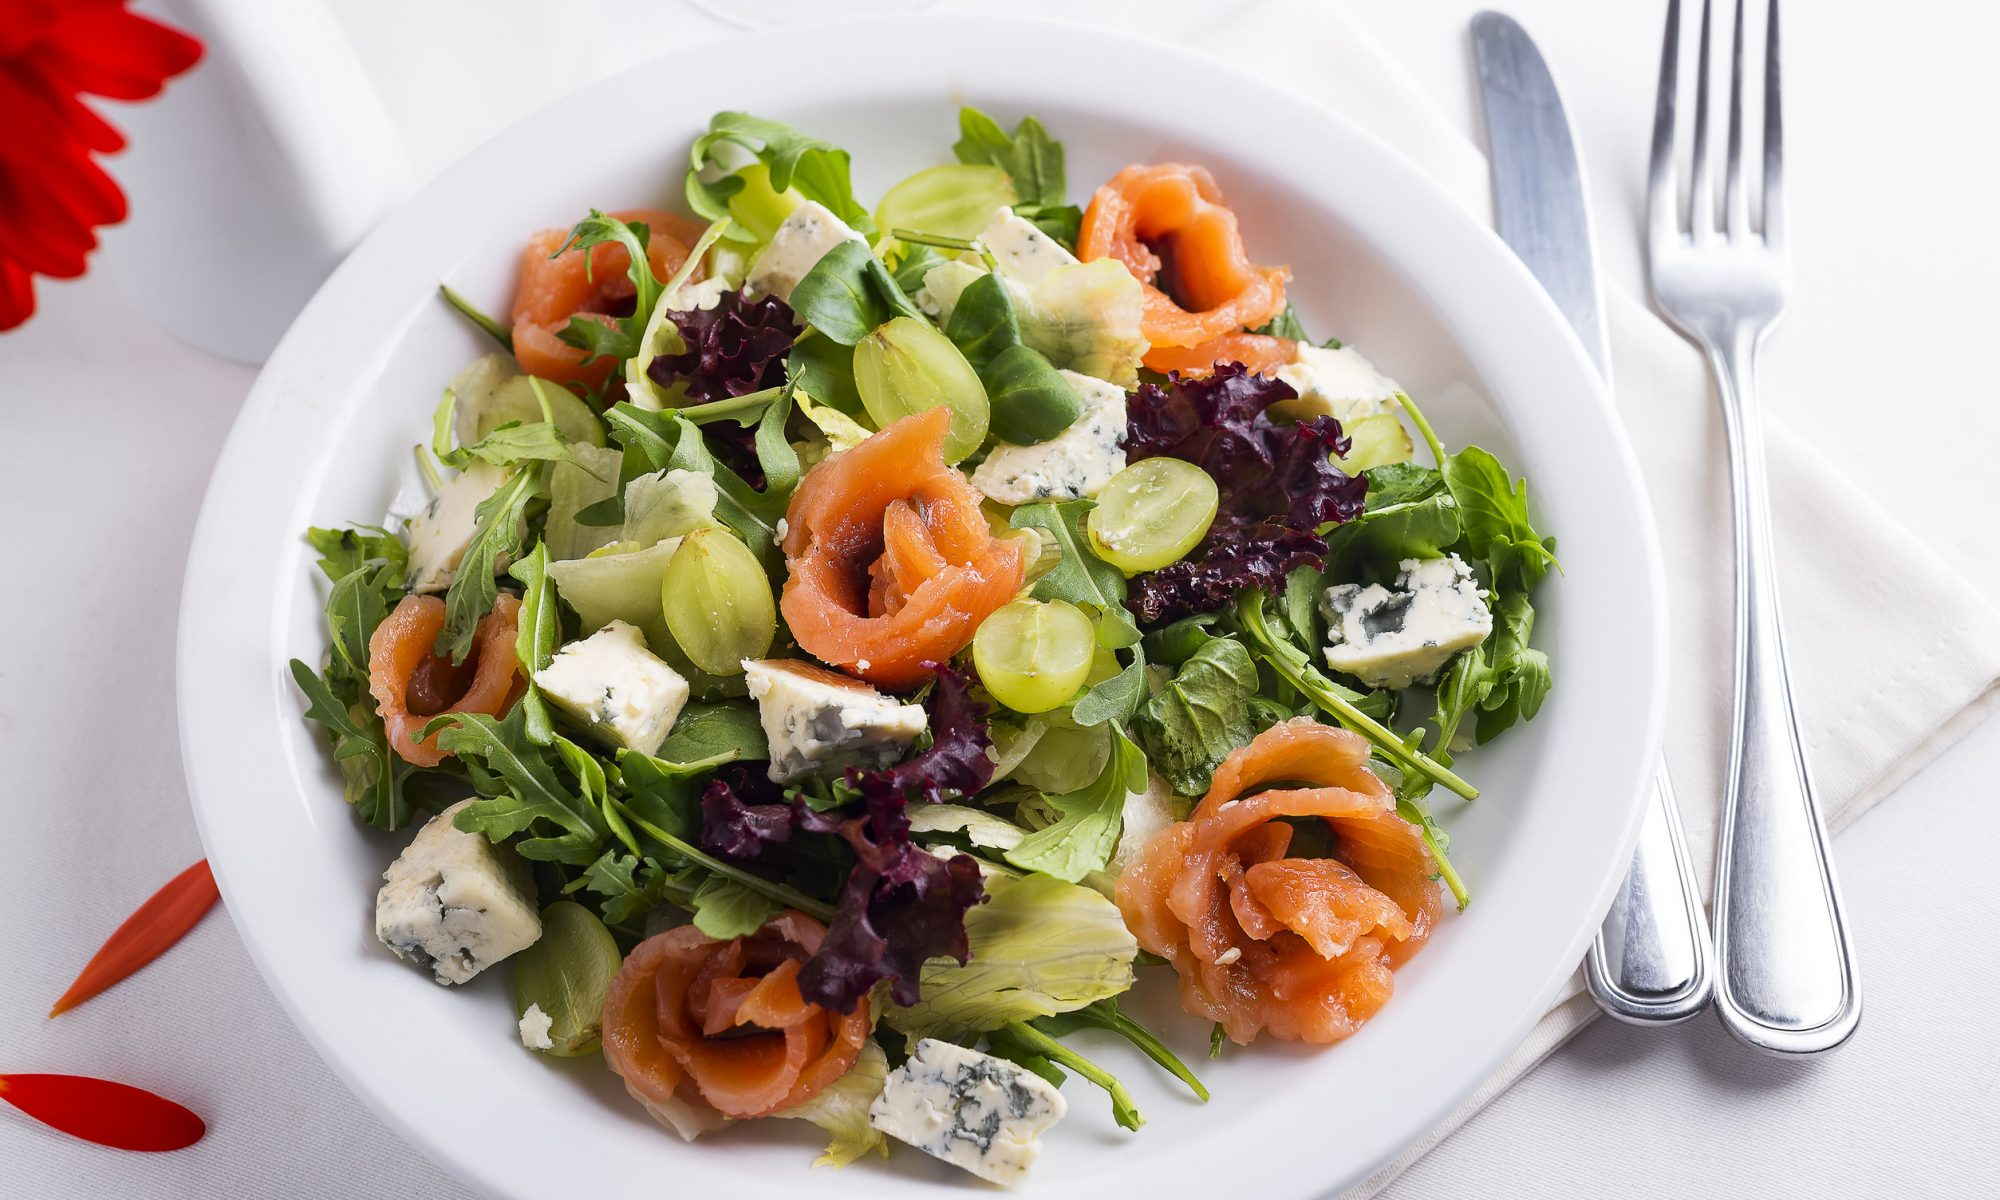 Тогда вам поможет салат с виноградом и курицей. Это сочетание очень интересное во вкусовом отношении.